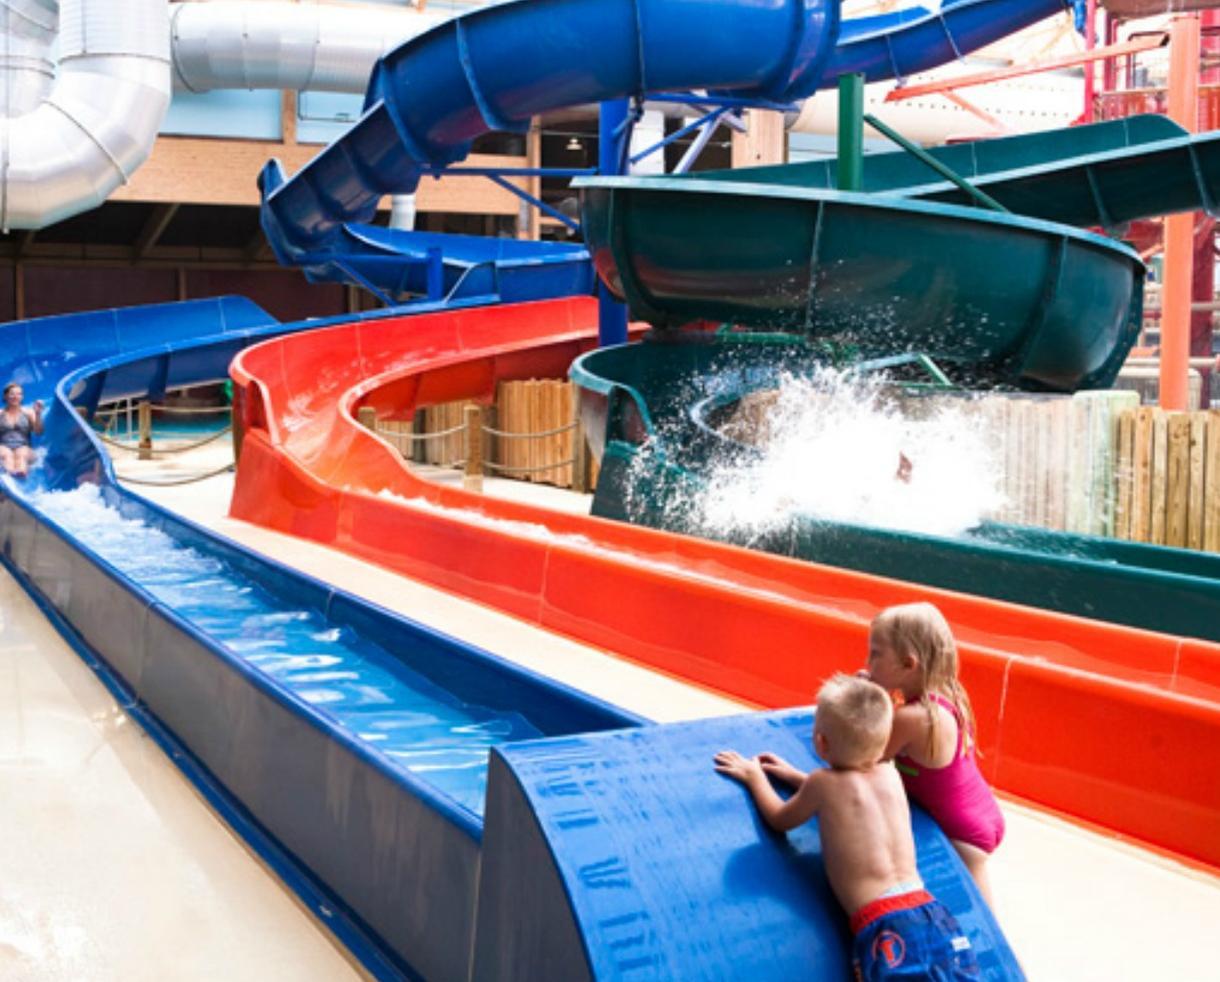 deal: 35% off massanutten indoor waterpark & arcade | certifikid